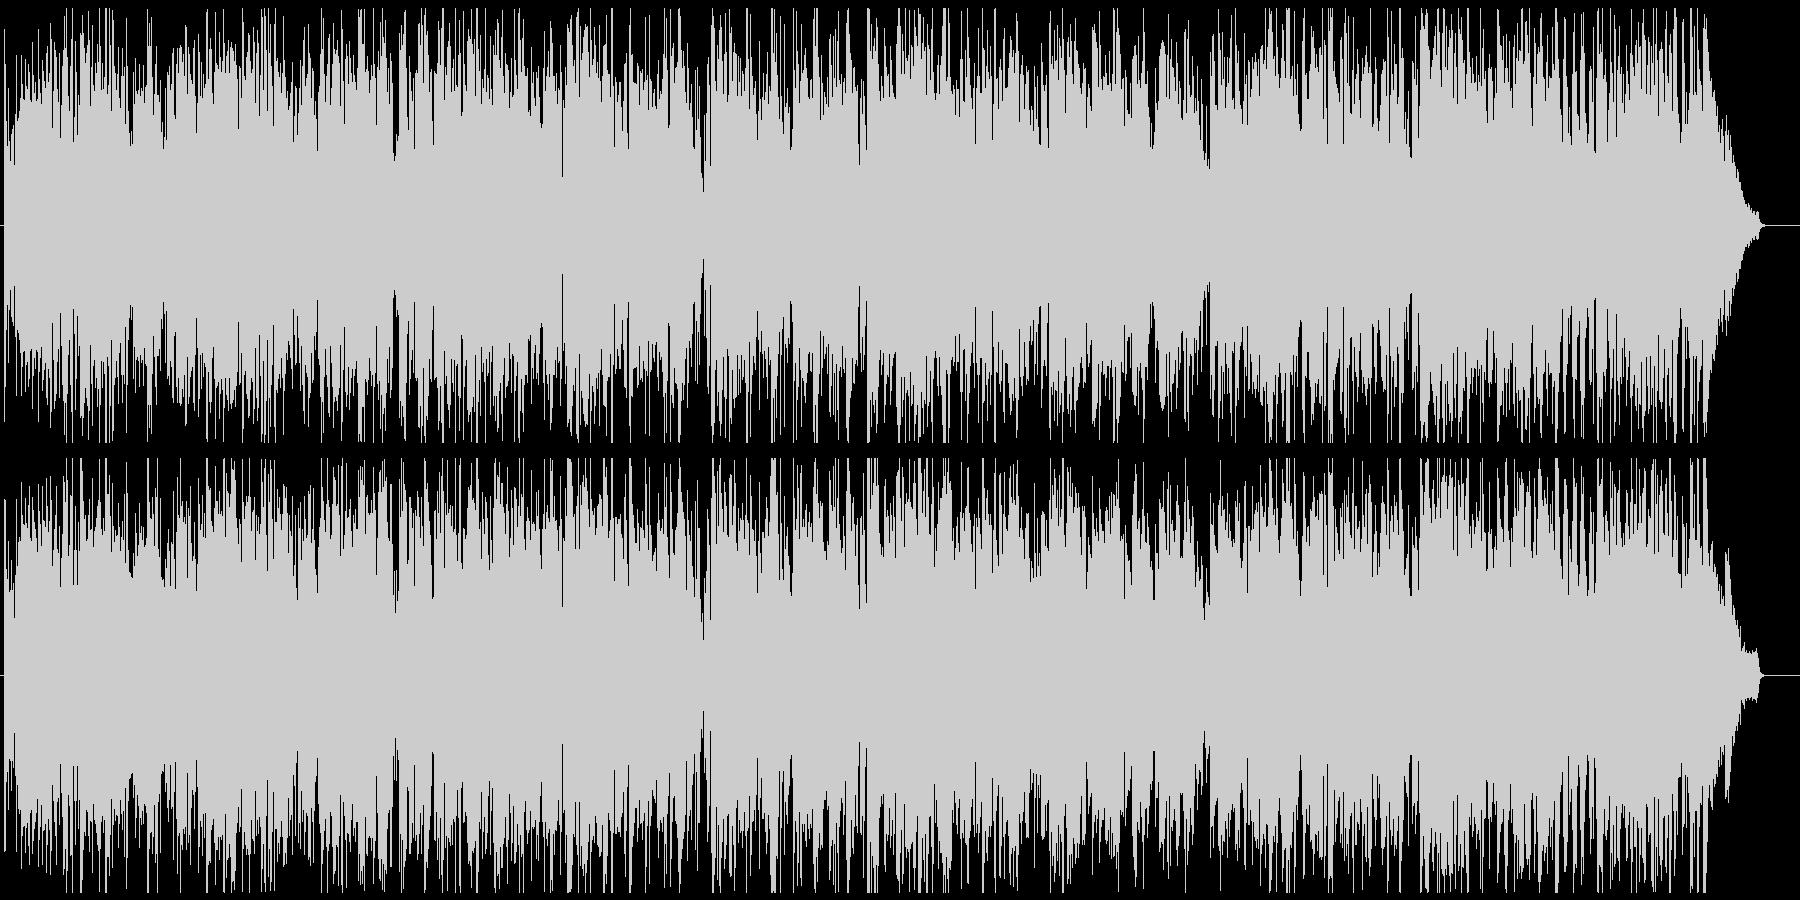 ジャズ 早めのスイング ソプラノsax版の未再生の波形